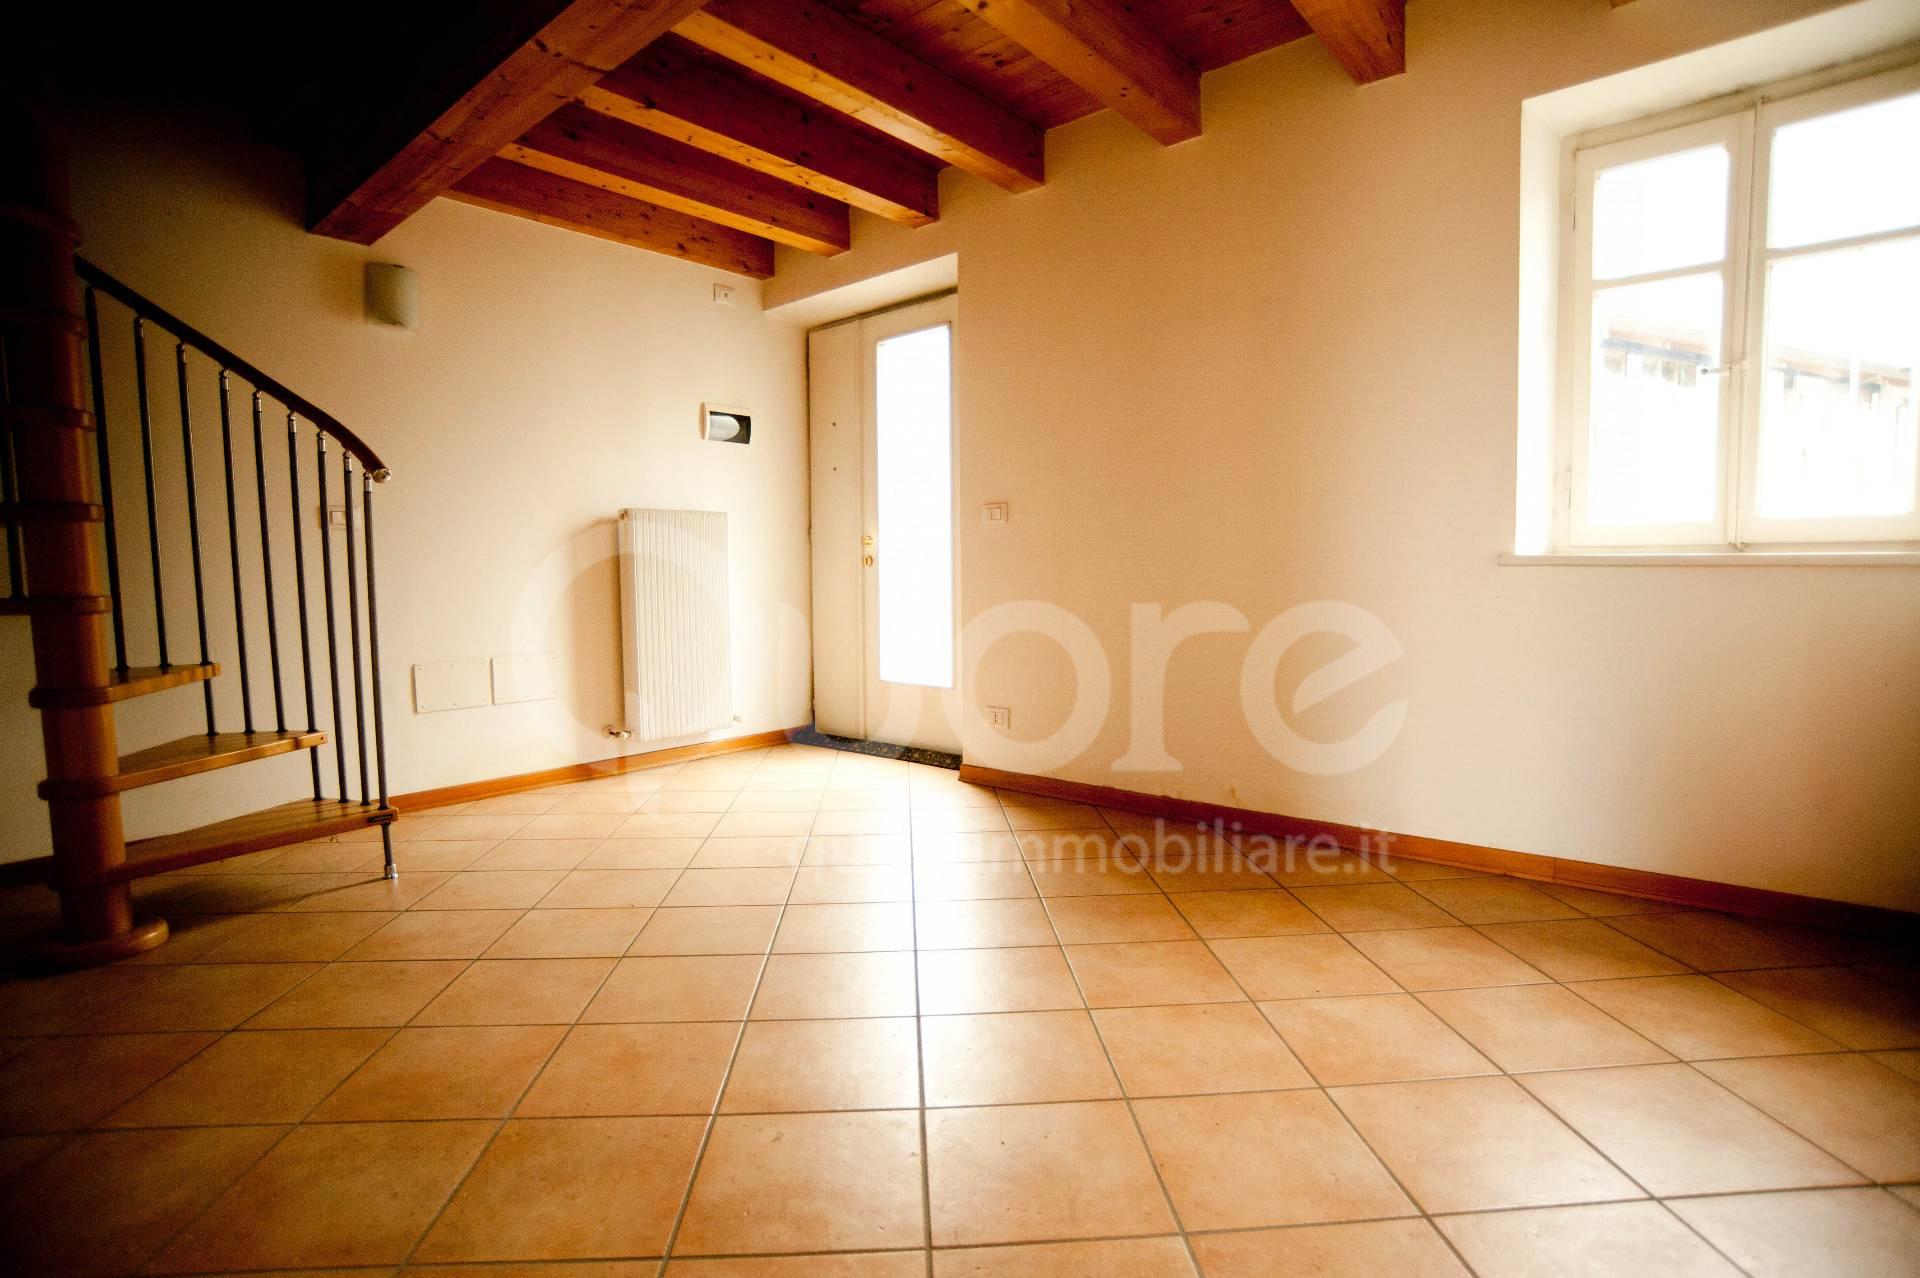 Soluzione Semindipendente in vendita a Campoformido, 5 locali, prezzo € 88.000   CambioCasa.it